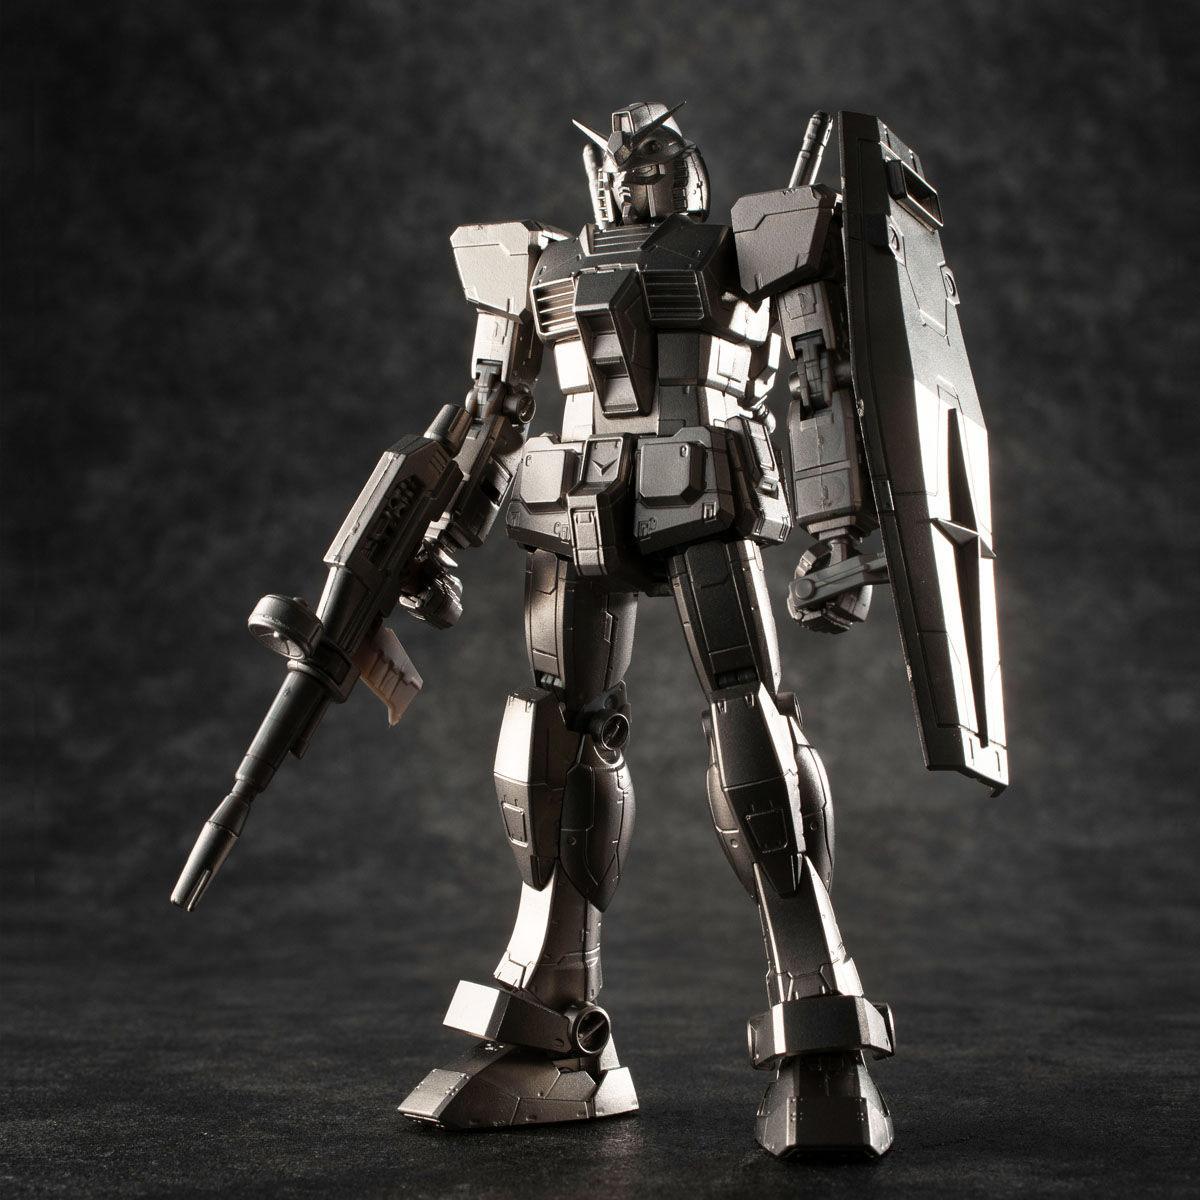 【限定販売】ガンダリウム合金モデル『RX-78-2 ガンダム』1/144 合金モデル-004